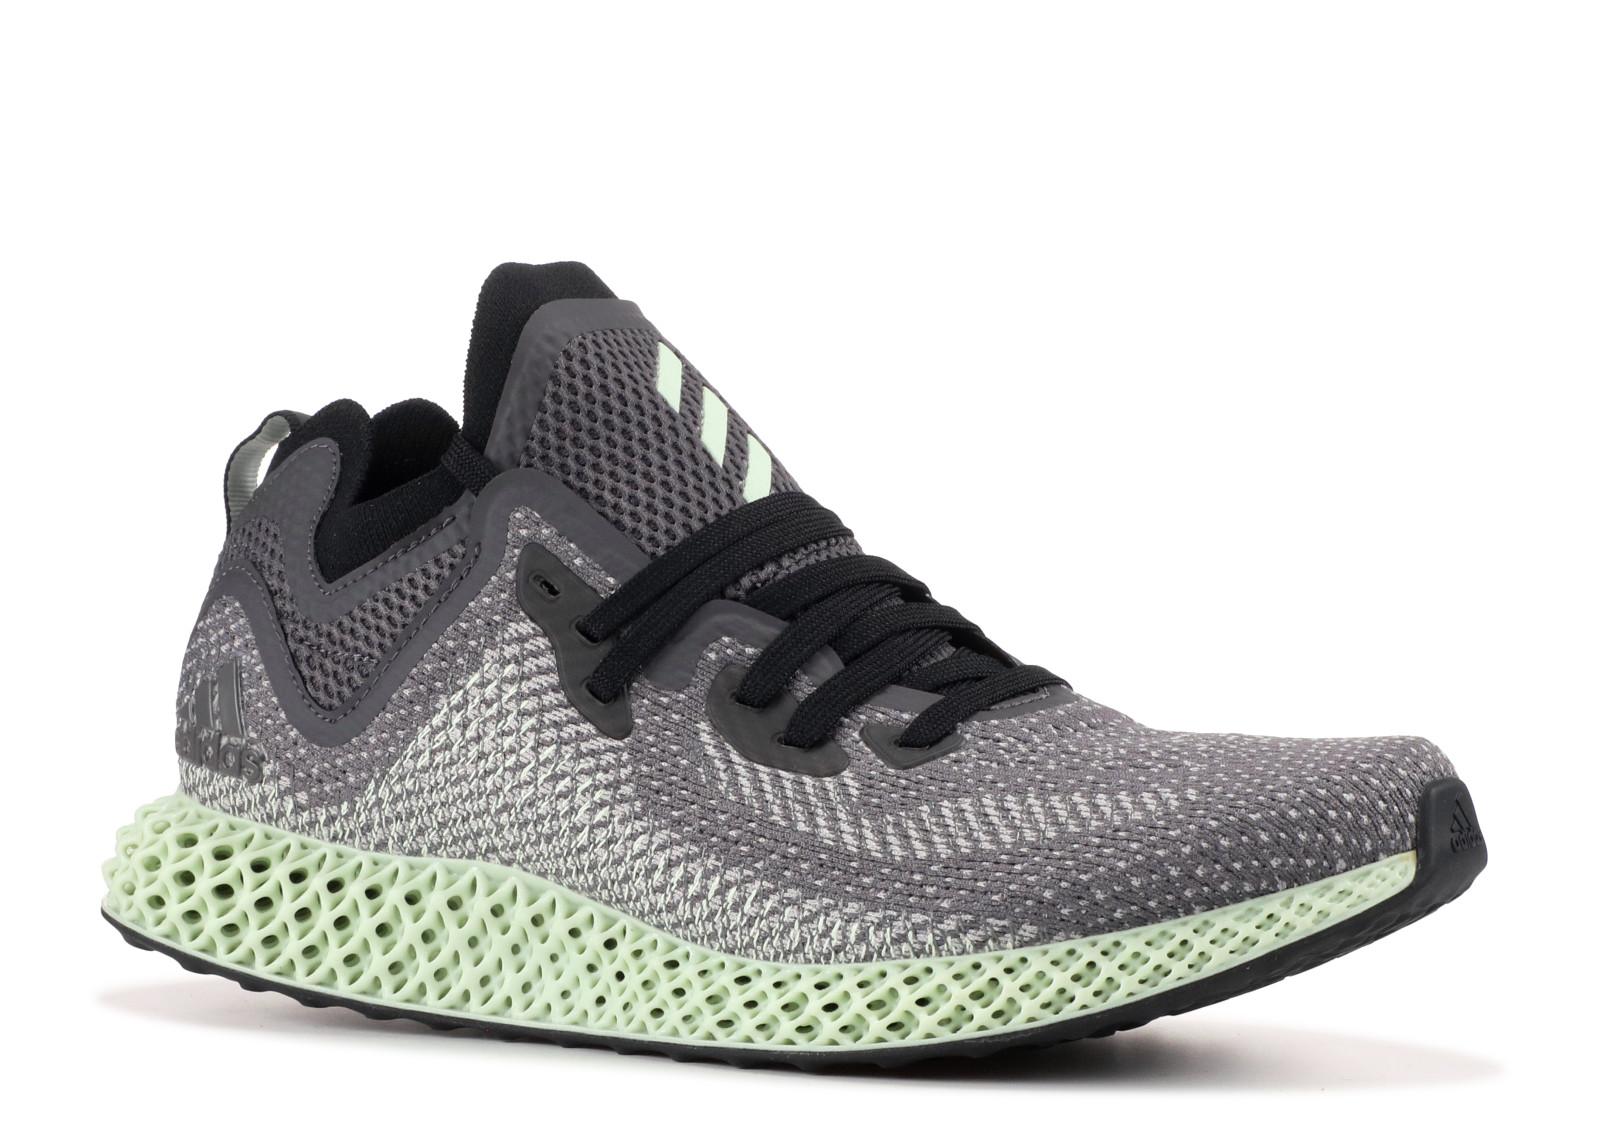 adidas-futurecraft-alphaedge-4d-2